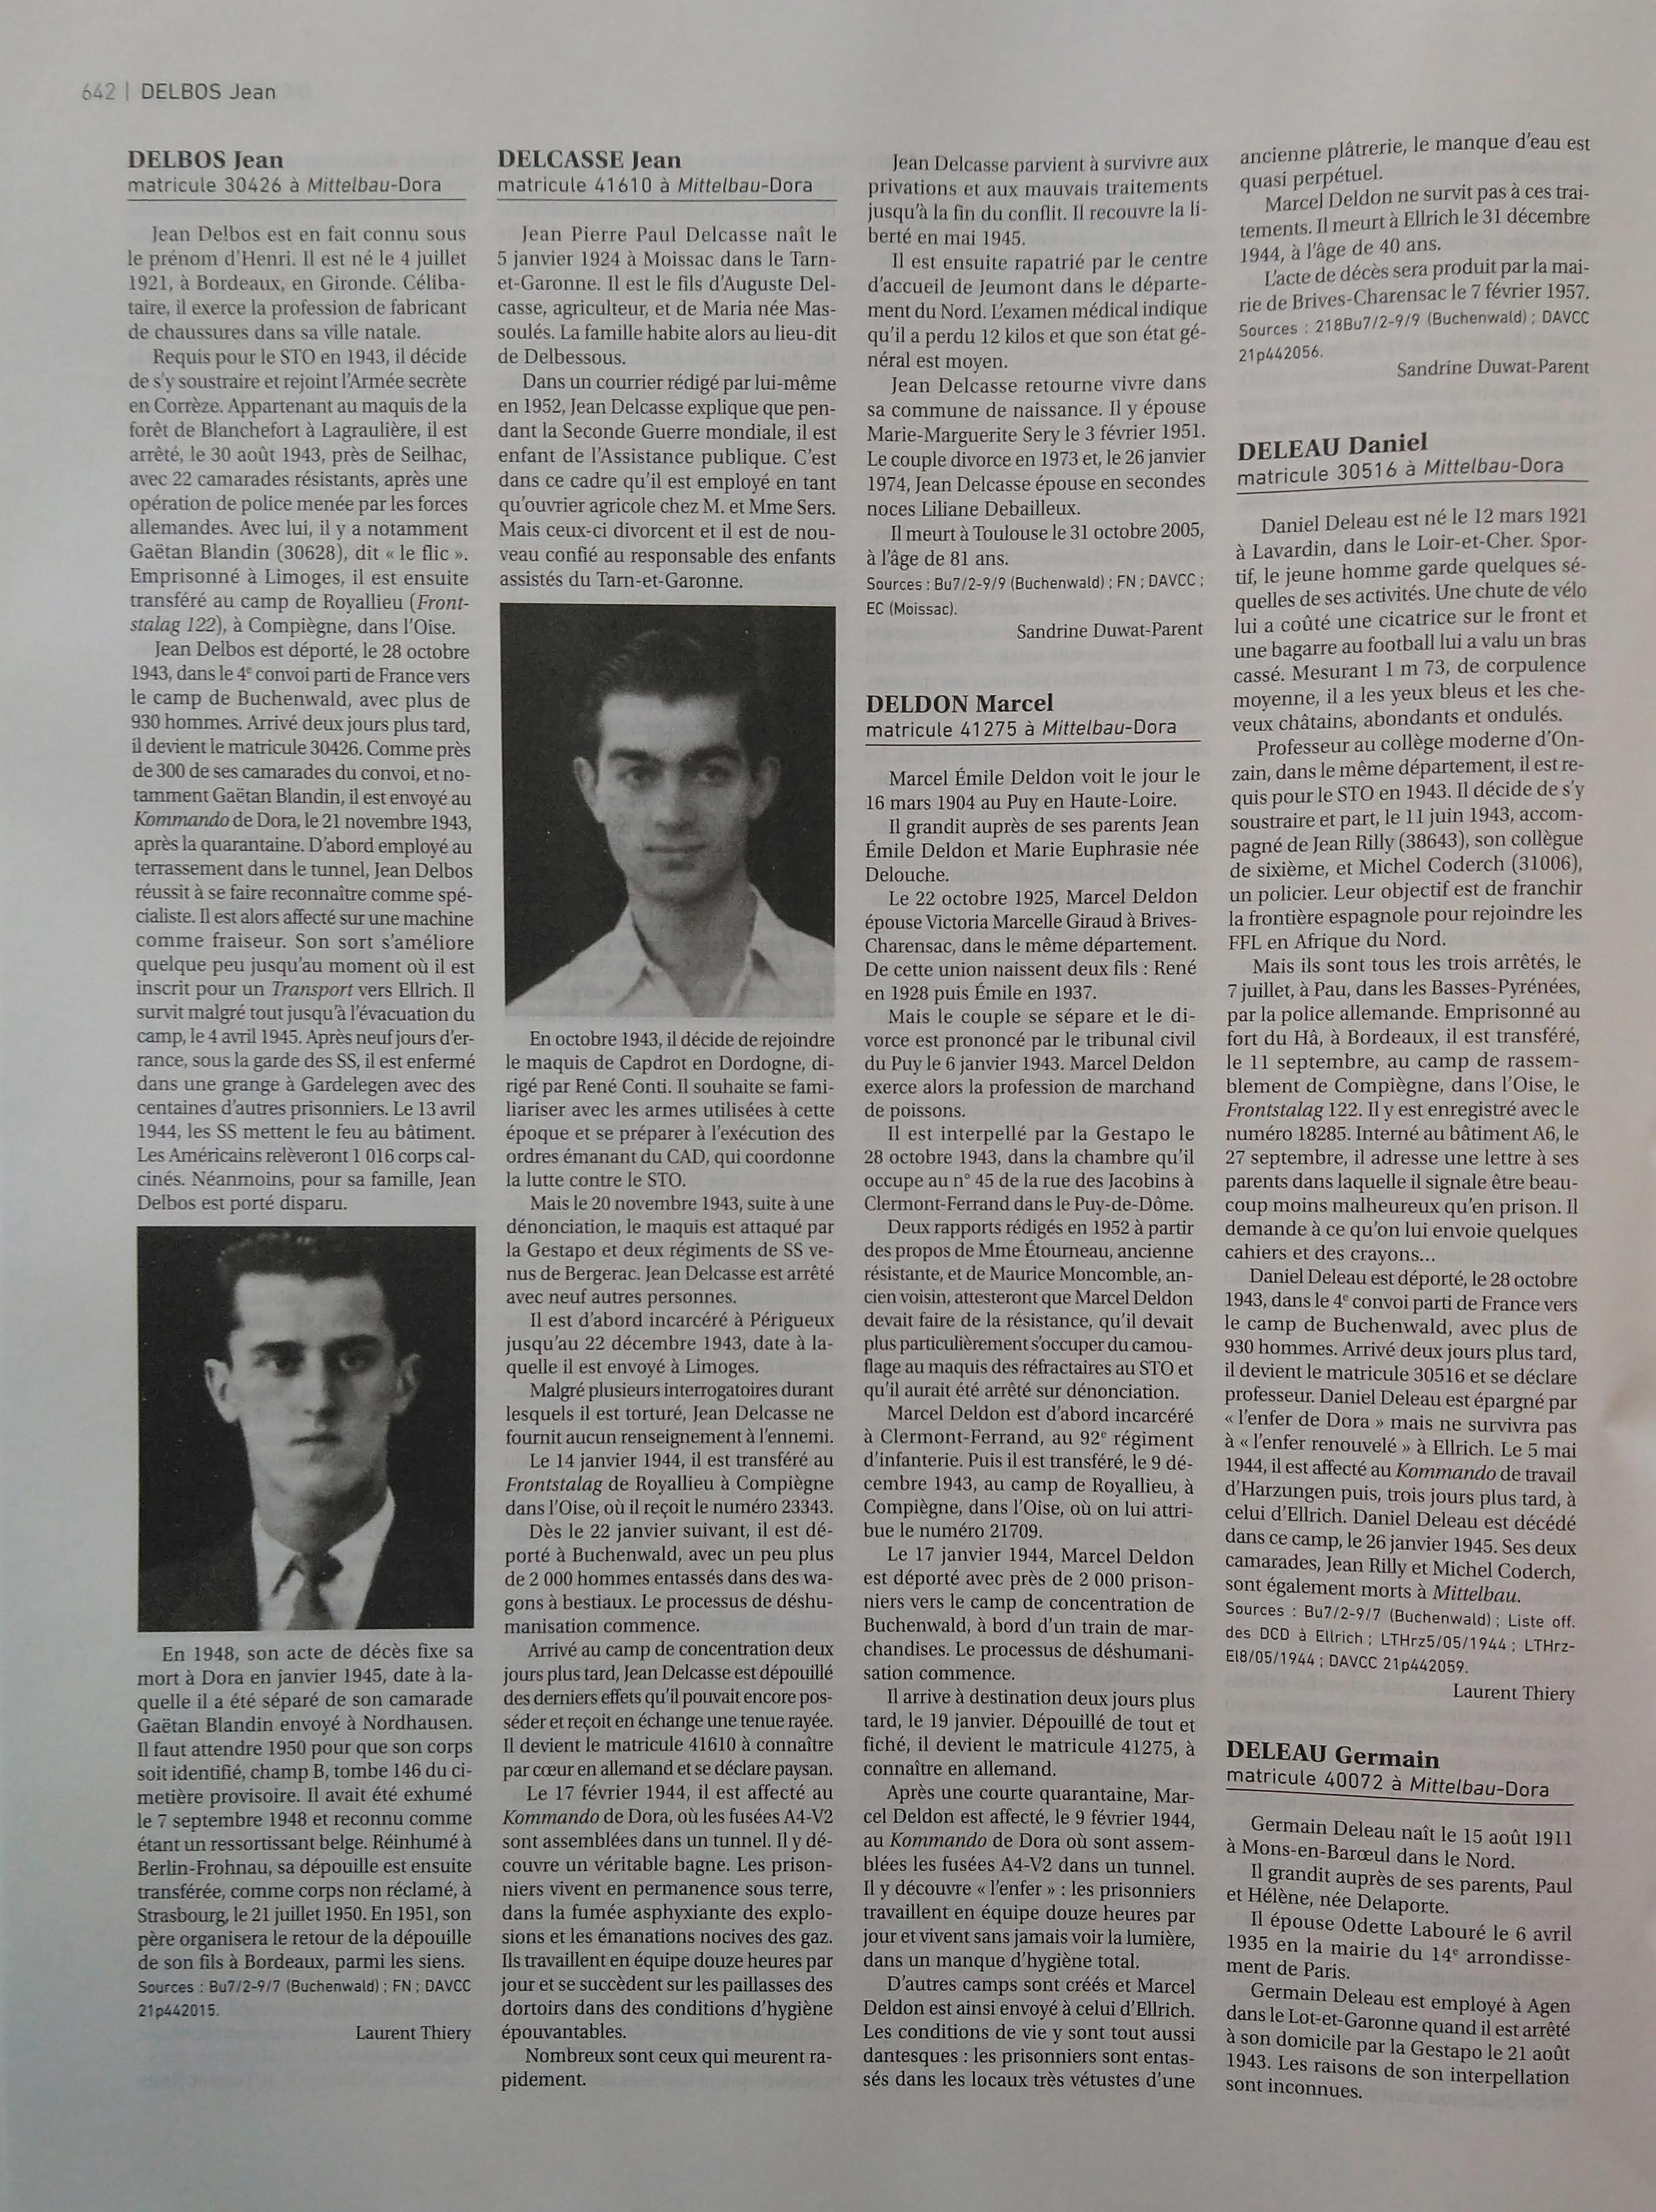 Une des pages du dictionnaire des 9000 déportés de France à Mittelbau-Dora.